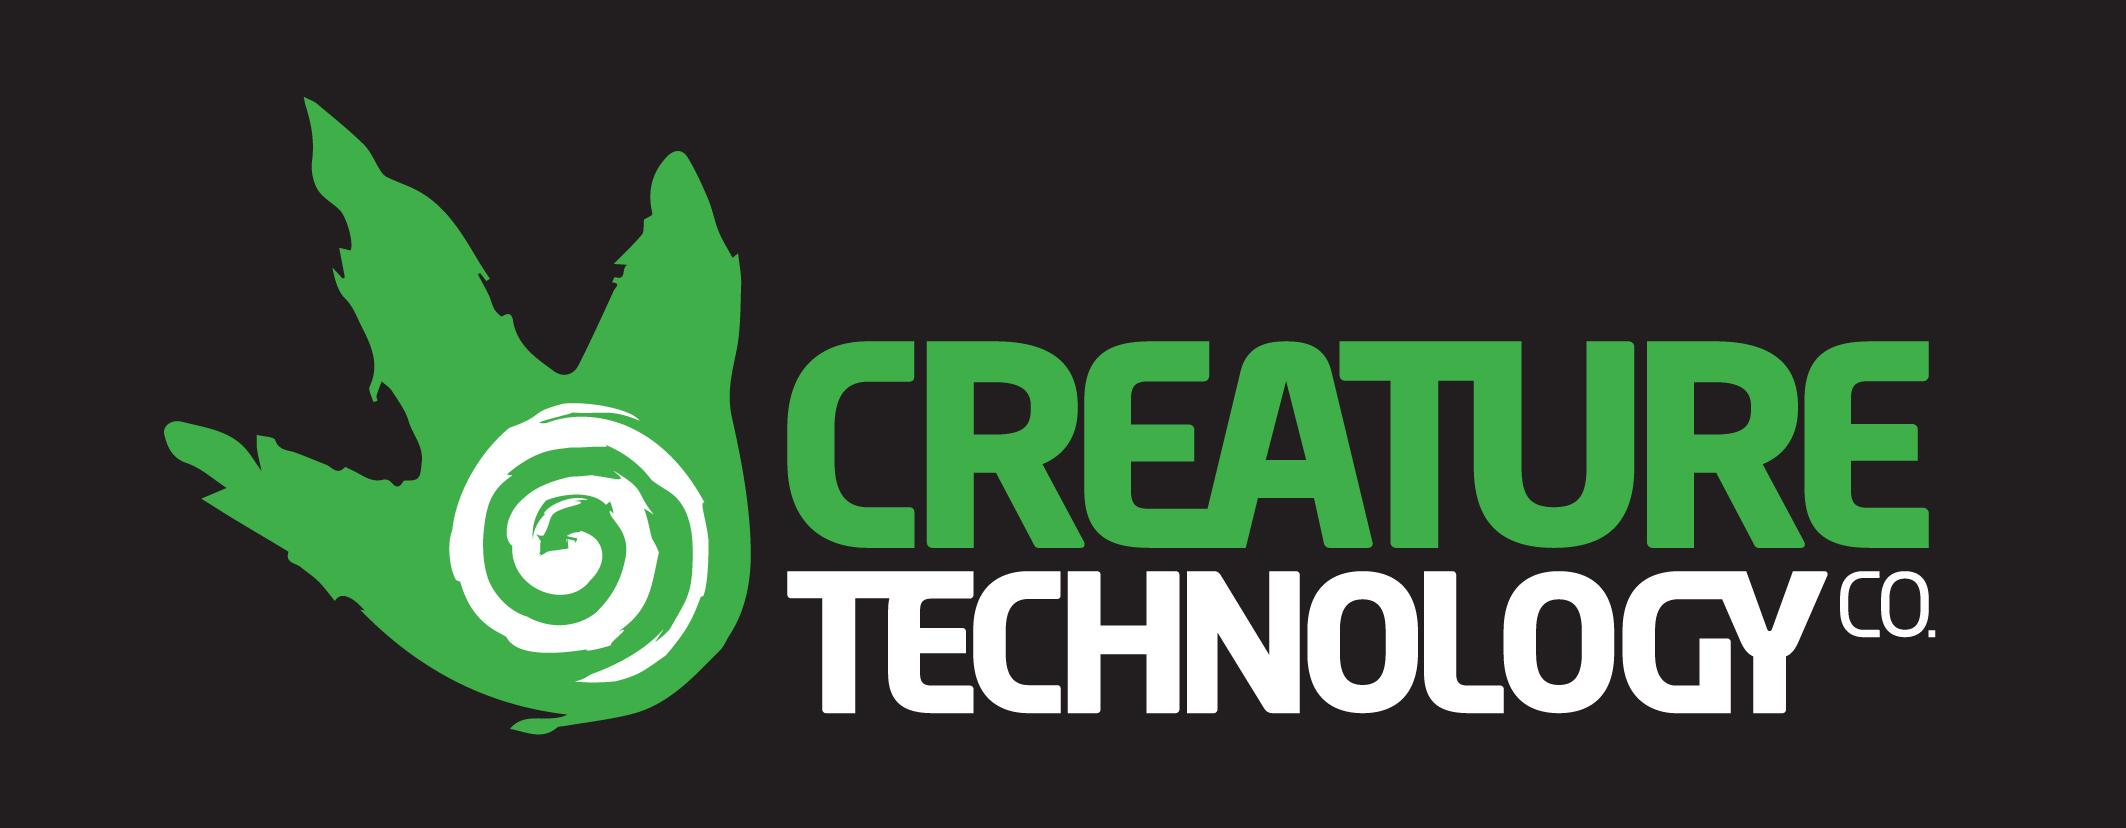 Logo (sur fond noir), Creature Te<em>c</em>hnology Co. (West Melbourne, Vi<em>c</em>toria, Australie)